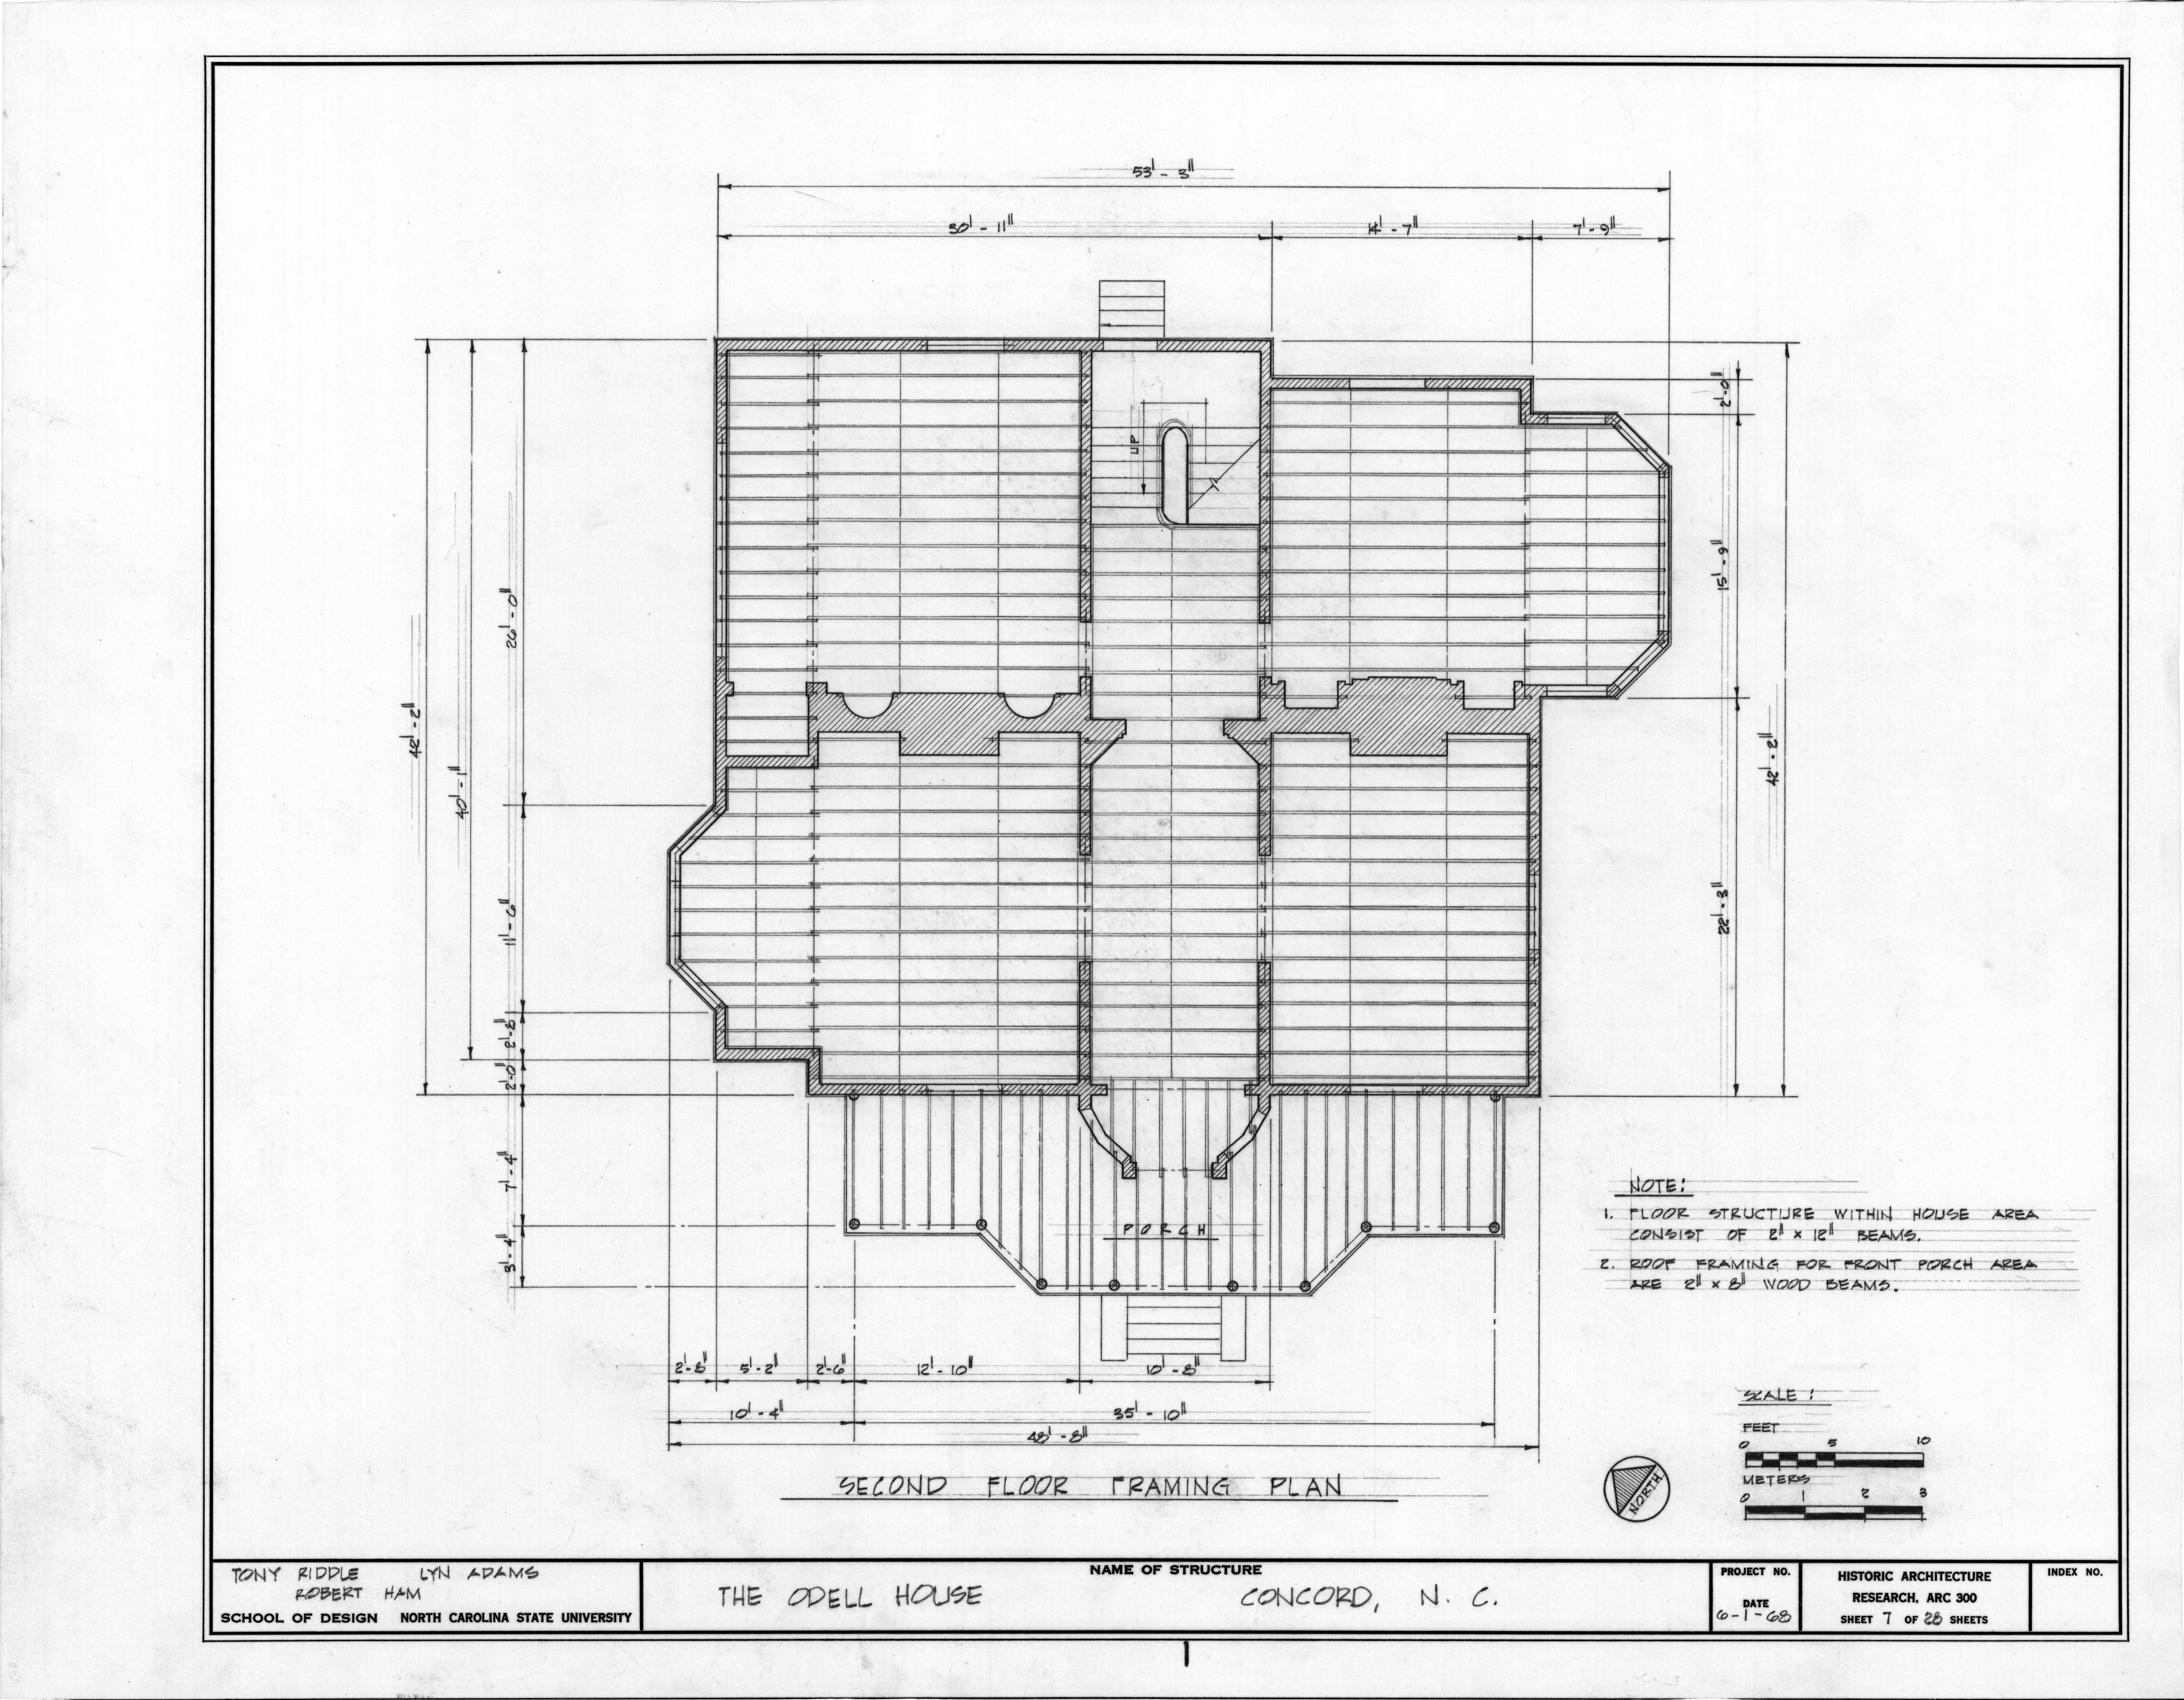 Second floor framing plan john milton odell house for Frame plan